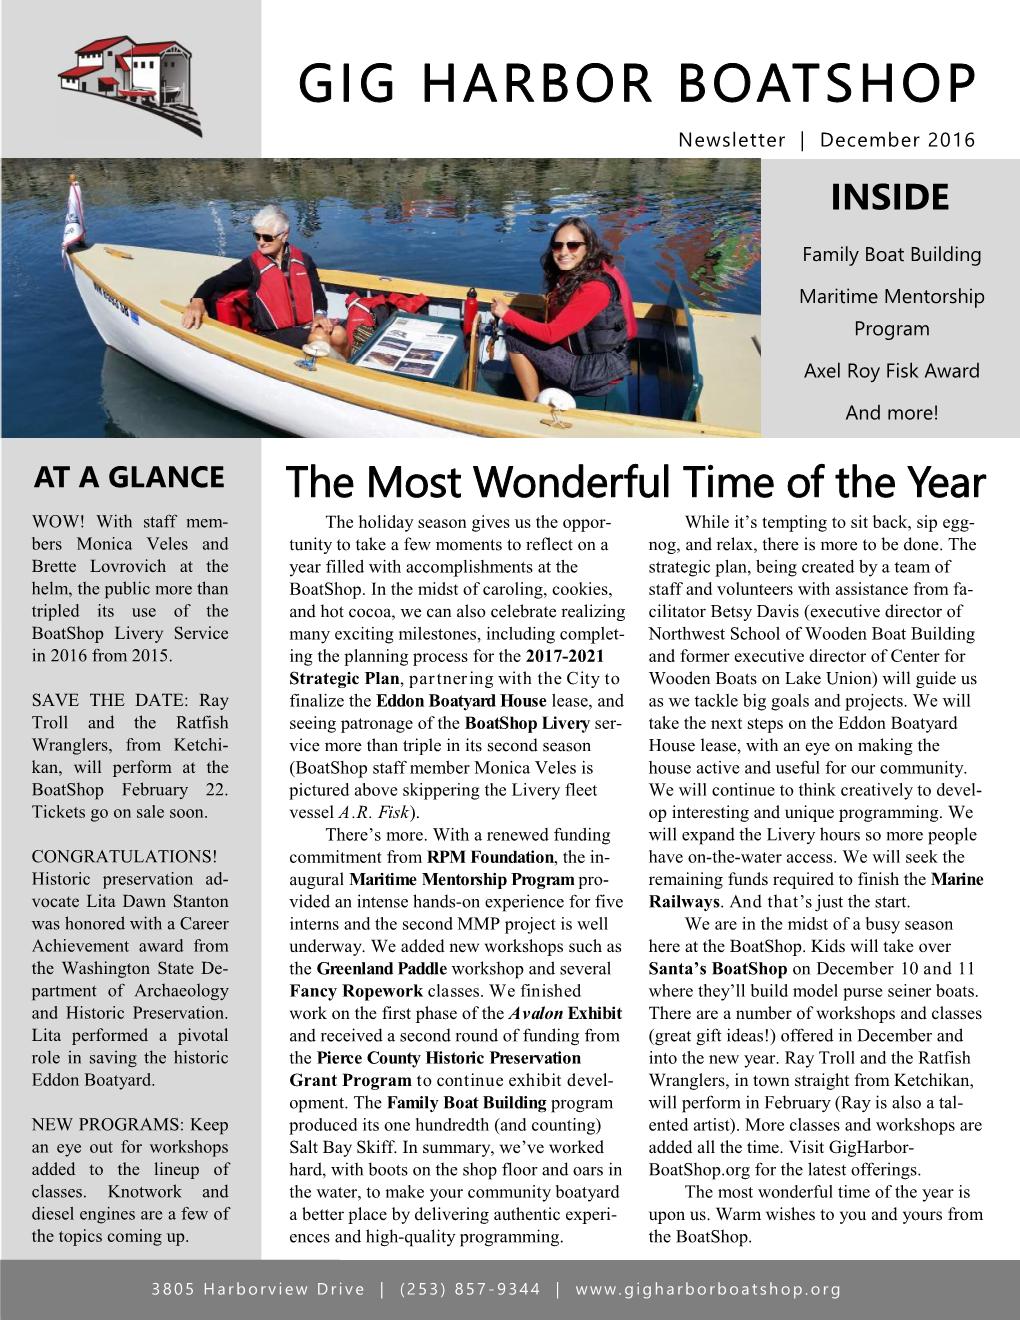 December 2016 Newsletter (click on image to enlarge)